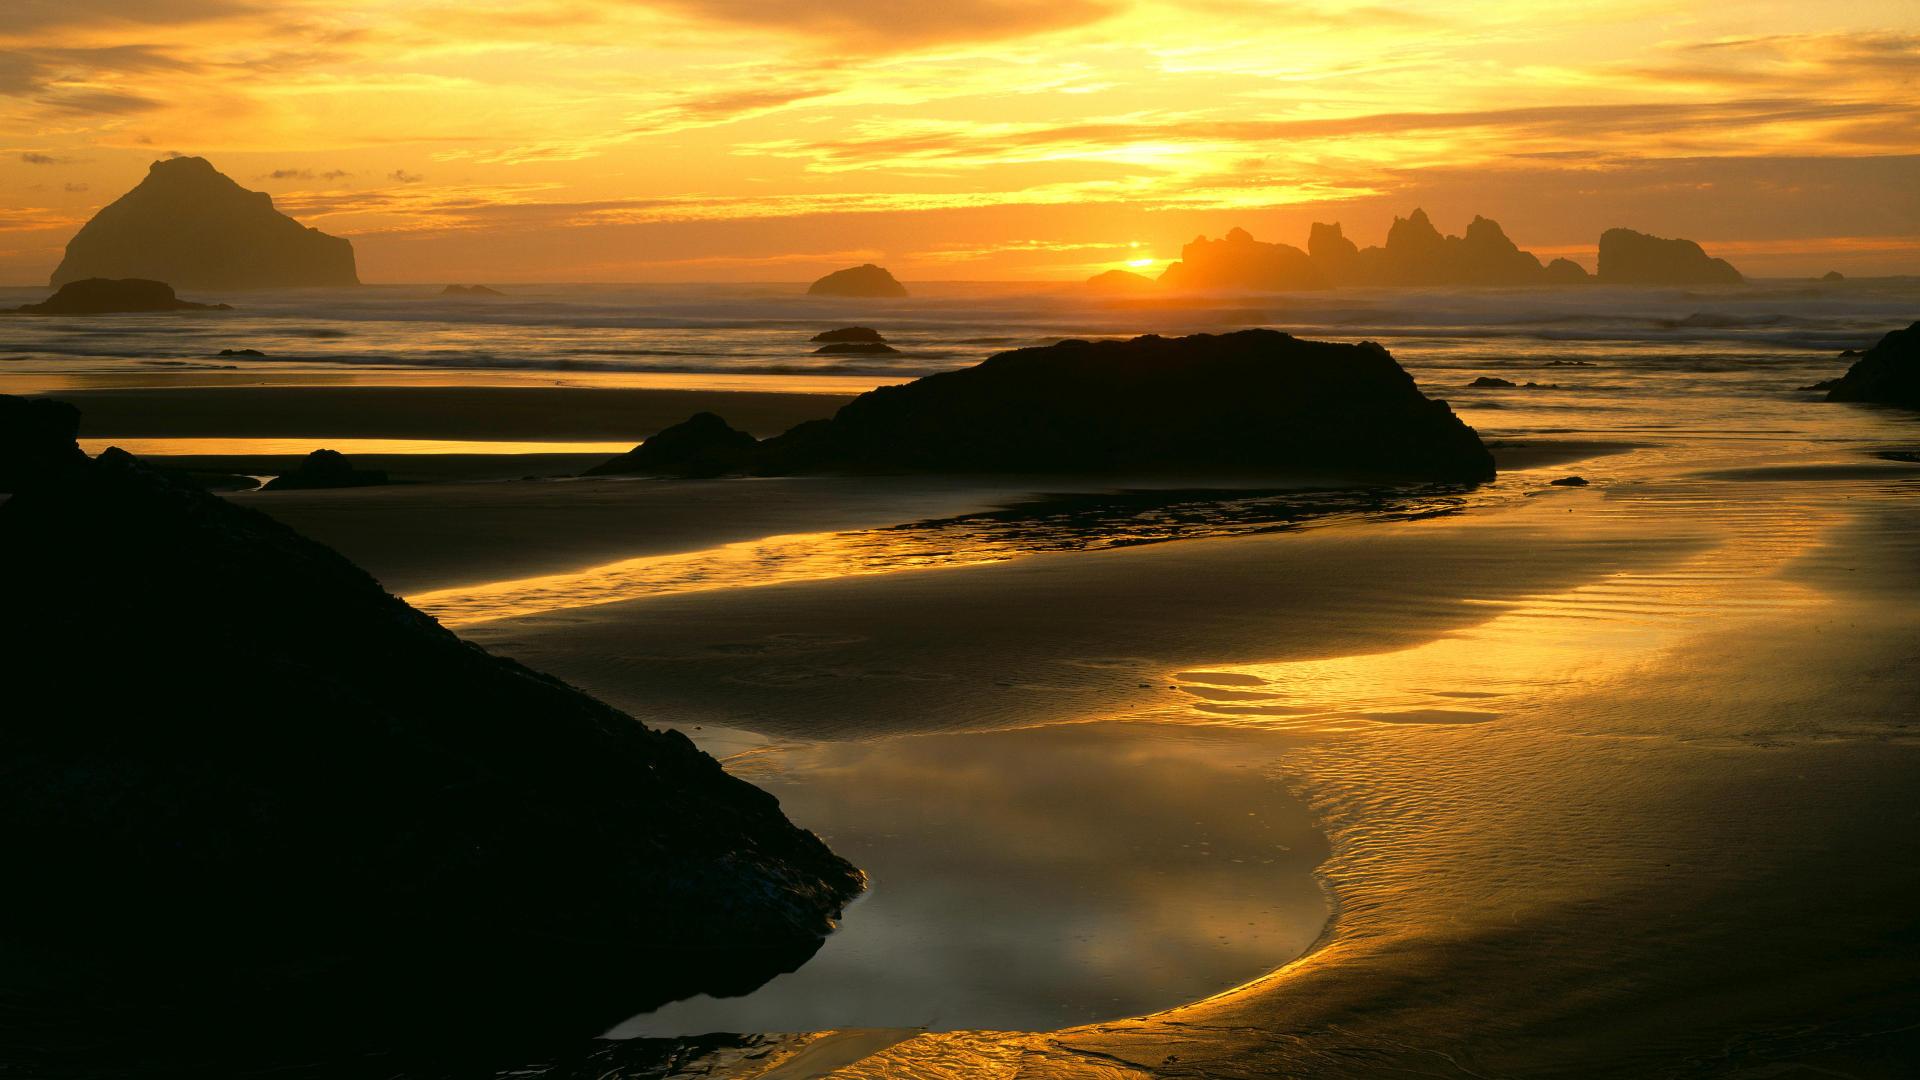 super coastal sunset image